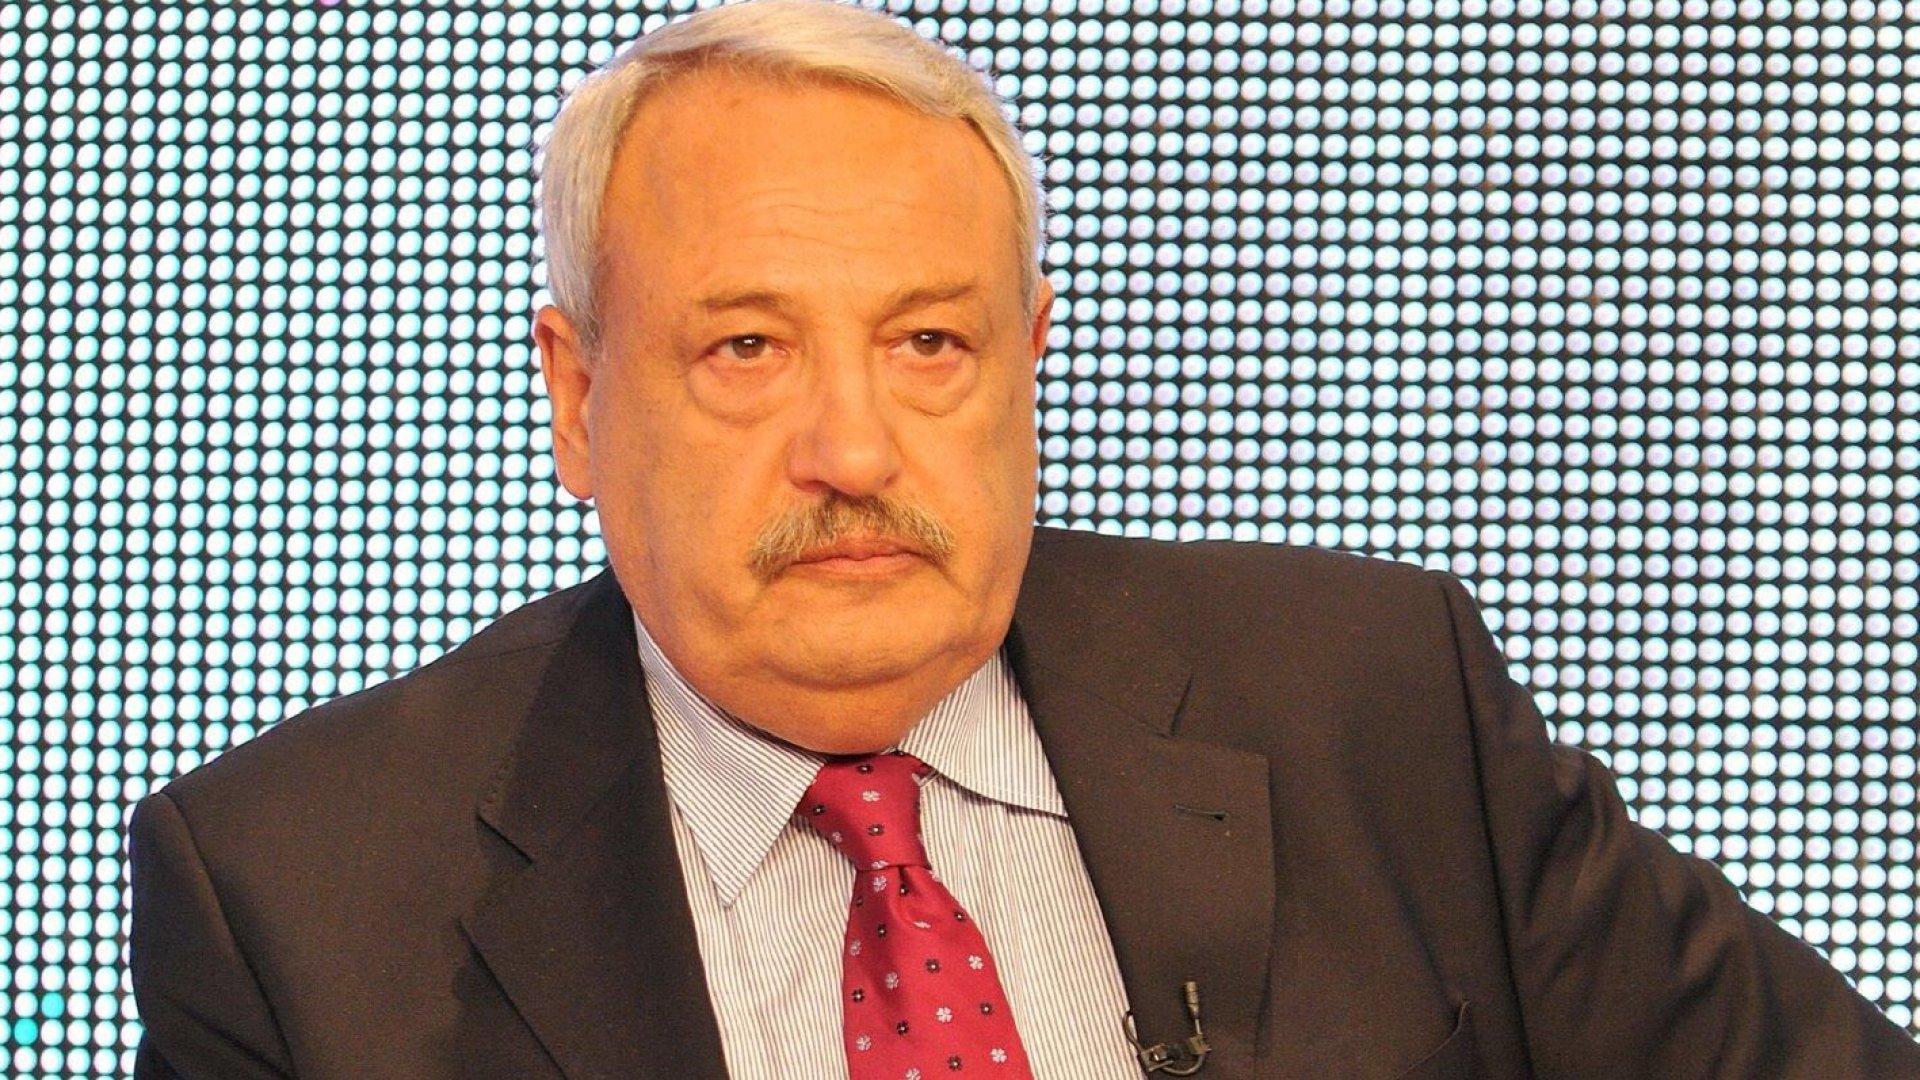 Иван Гарелов: Борисов се страхува да е кандидат за президент, за да не загуби от Радев